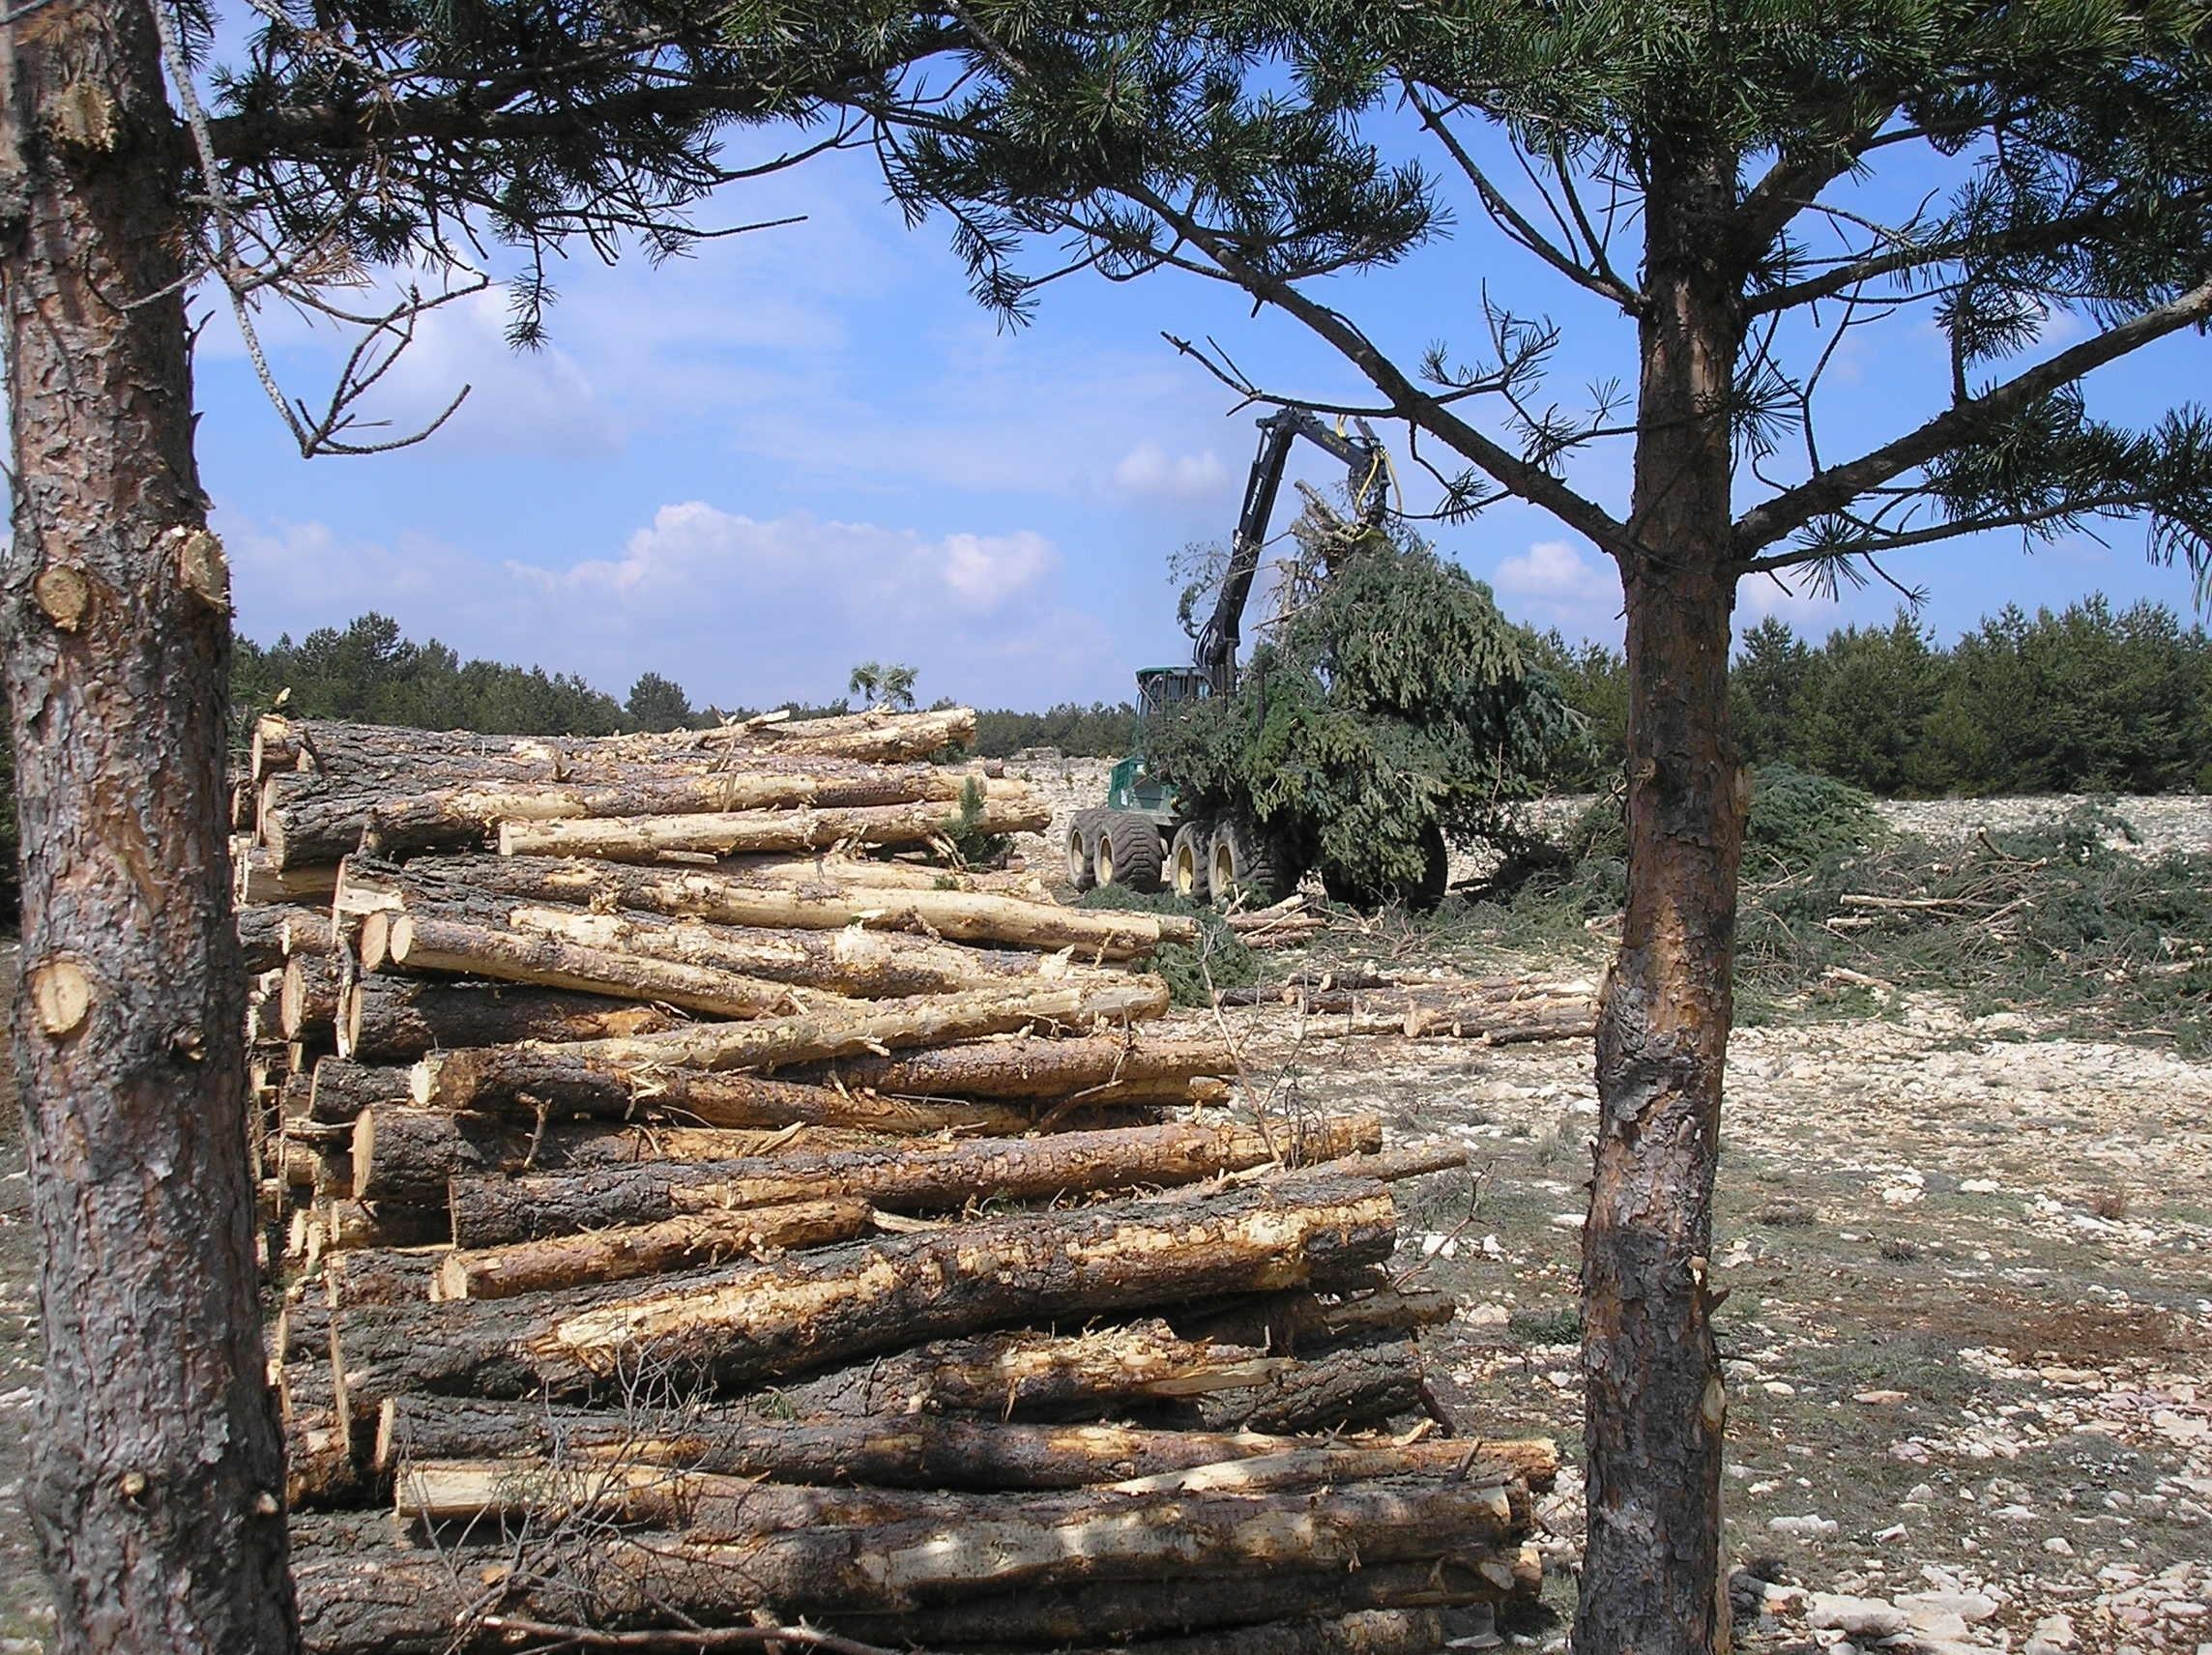 La Xunta apoya con casi 20 millones la transformación y comercialización de productos agrarios y forestales